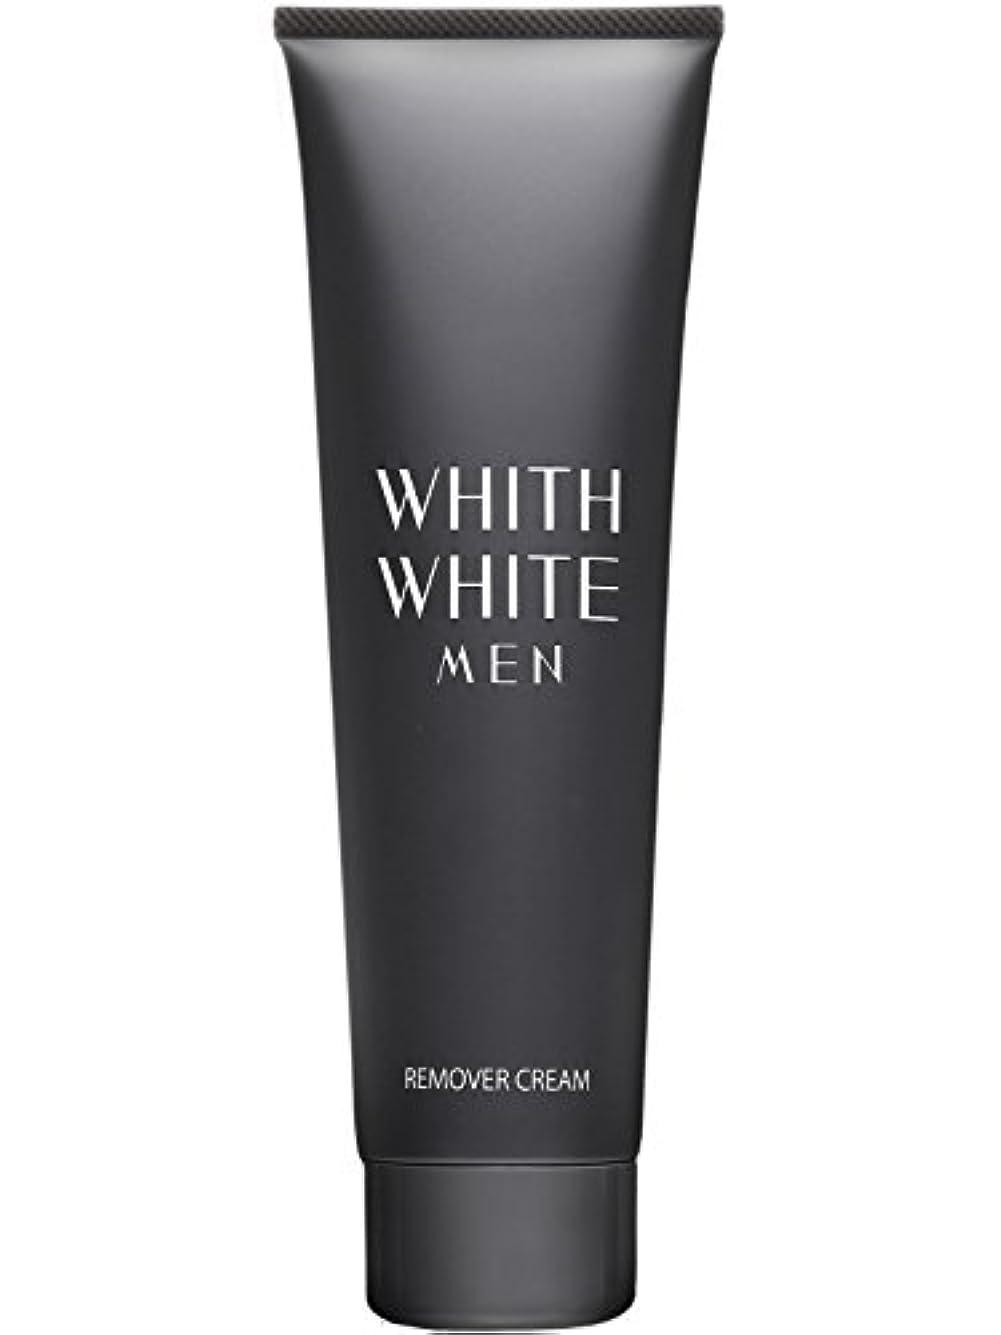 私療法理由医薬部外品 フィス ホワイト メンズ 除毛クリーム リムーバークリーム 陰部 使用可能 210g